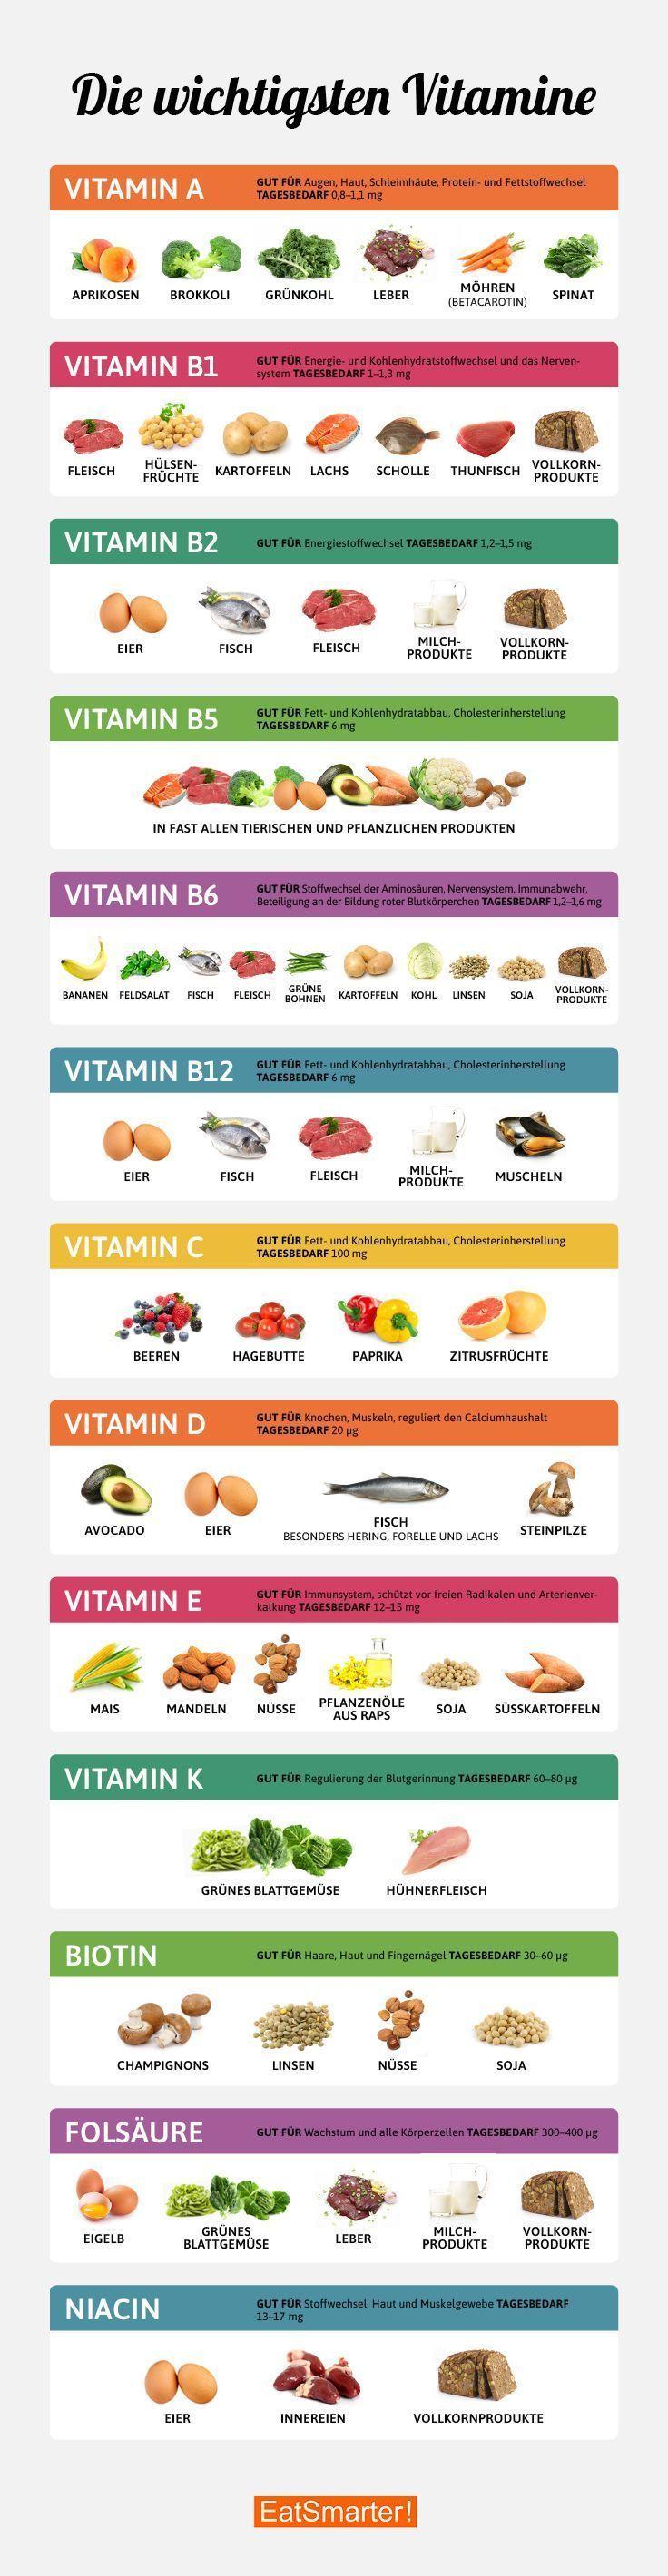 Die wichtigsten Vitamine im Überblick